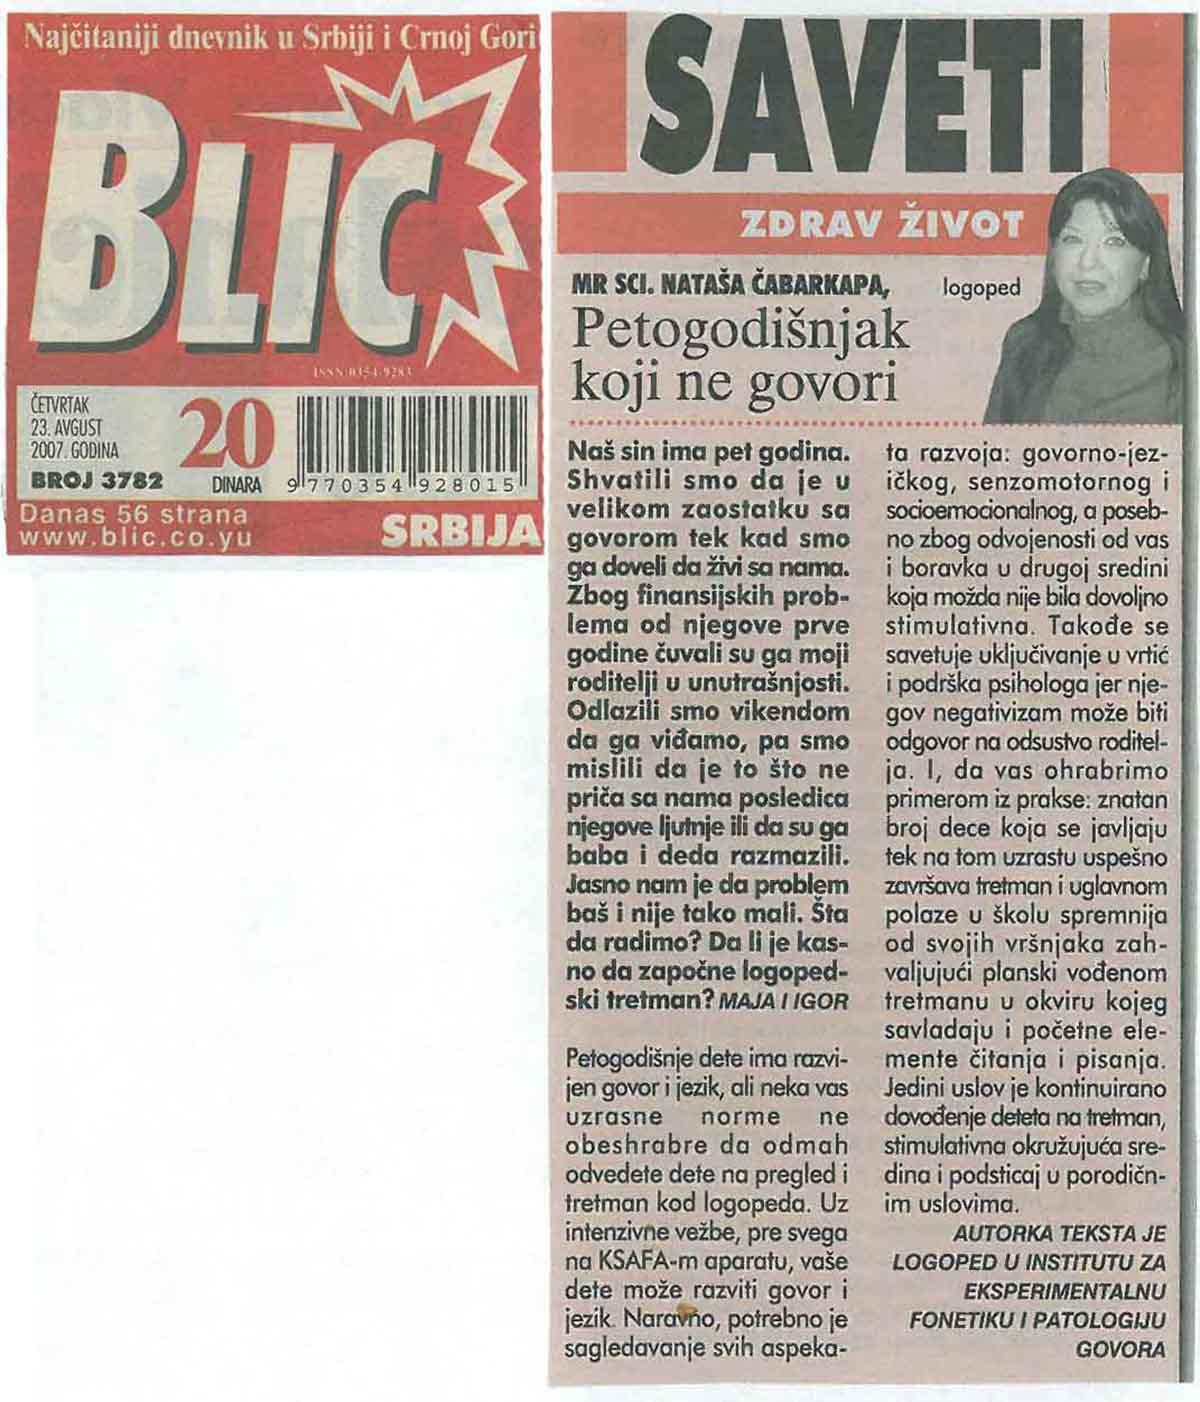 Zdrav život – Blic 23.08.2007